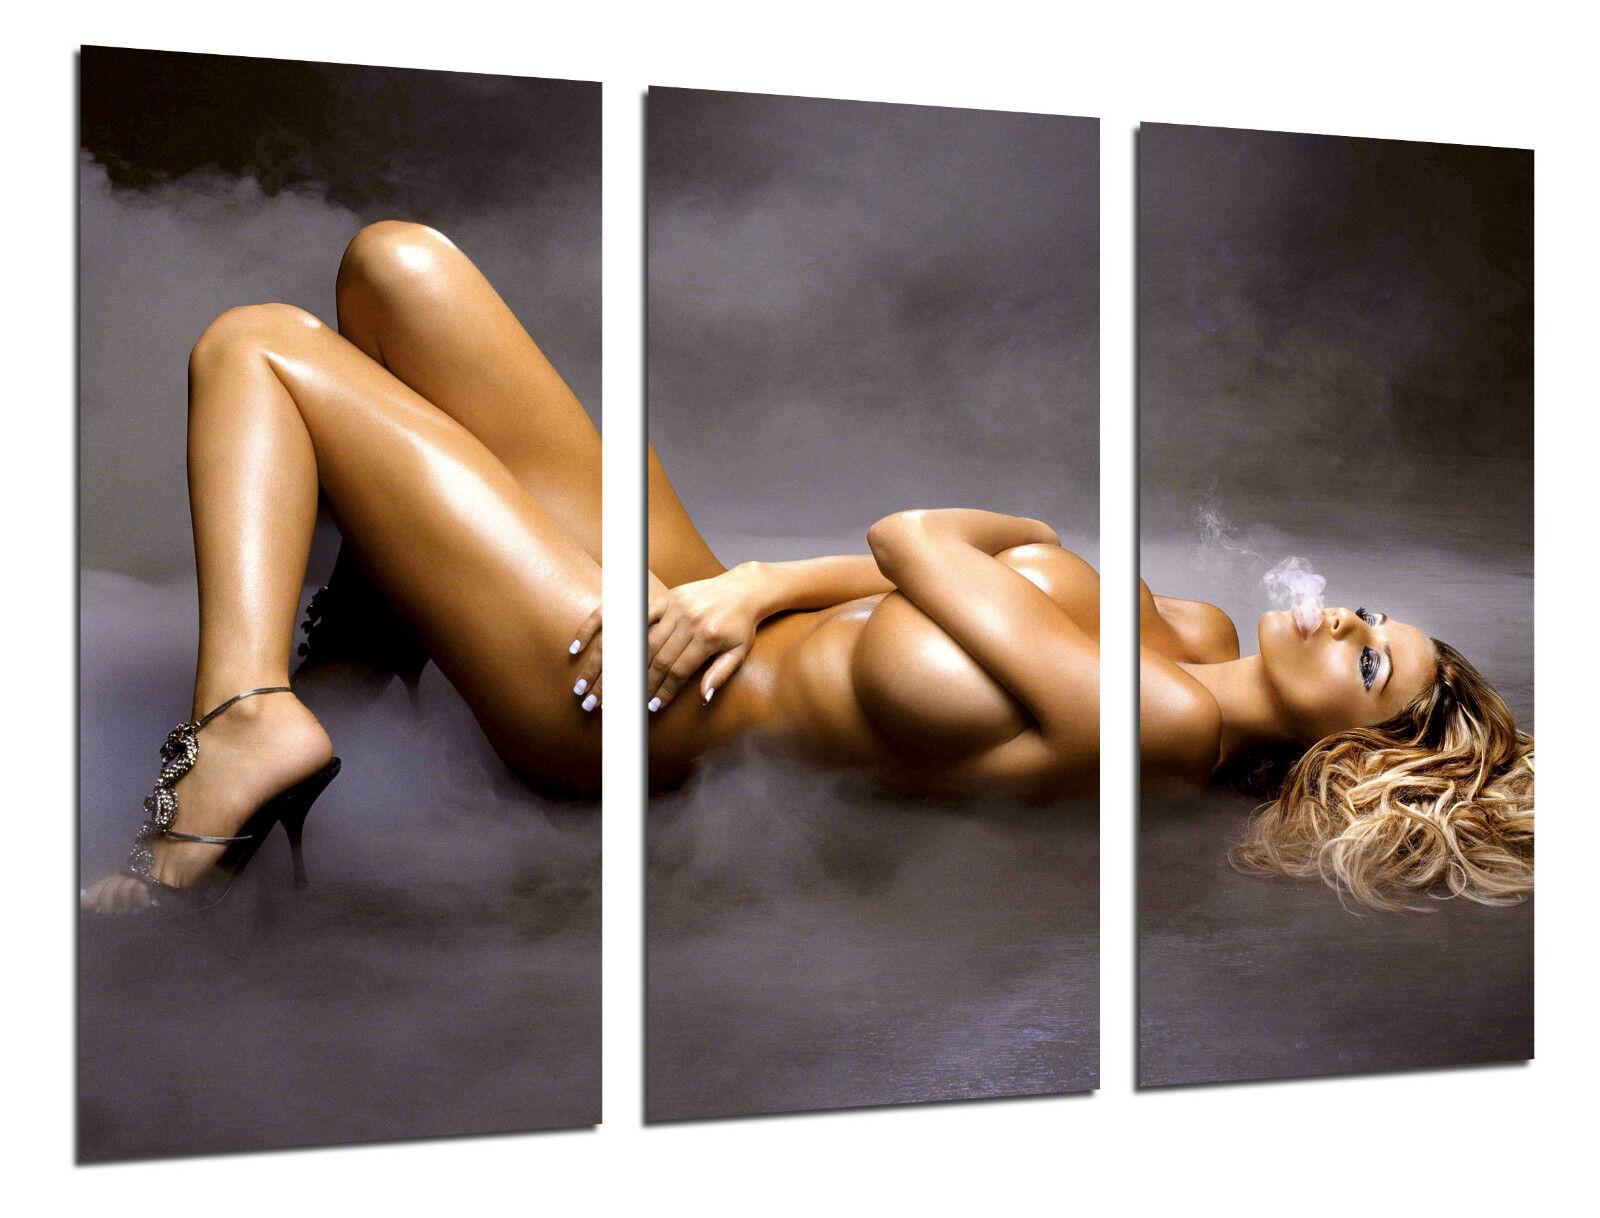 Cuadro Moderno Fotografico Mujer Chica Sexy, Erotico,Sensual, desnudo,ref. 26381